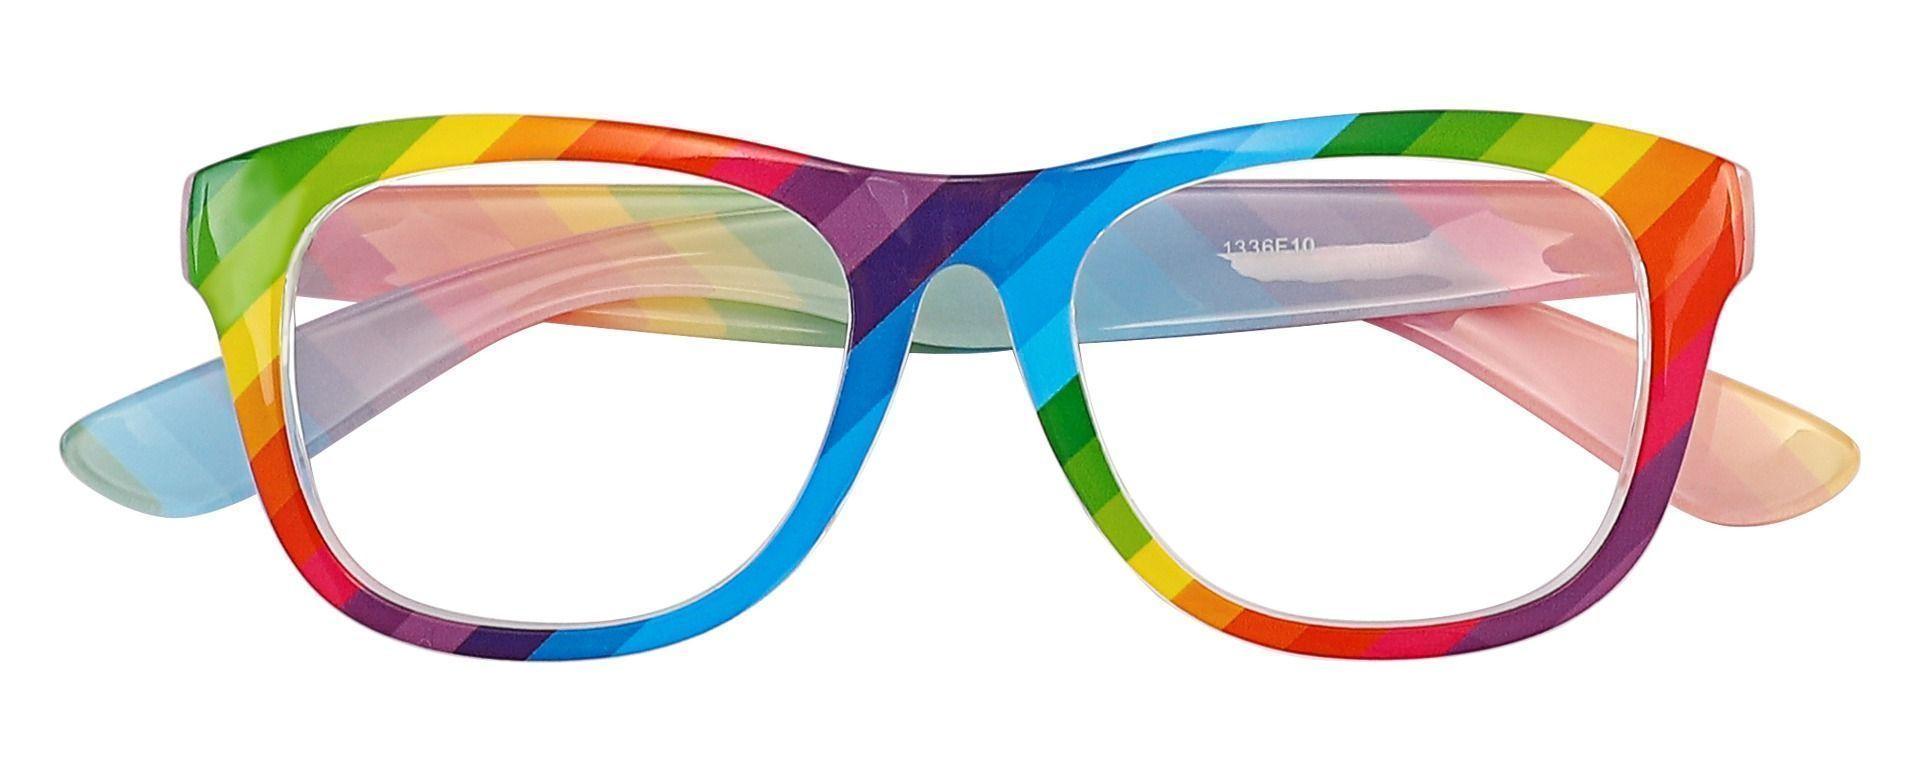 Spectrum Classic Square Prescription Glasses - Two